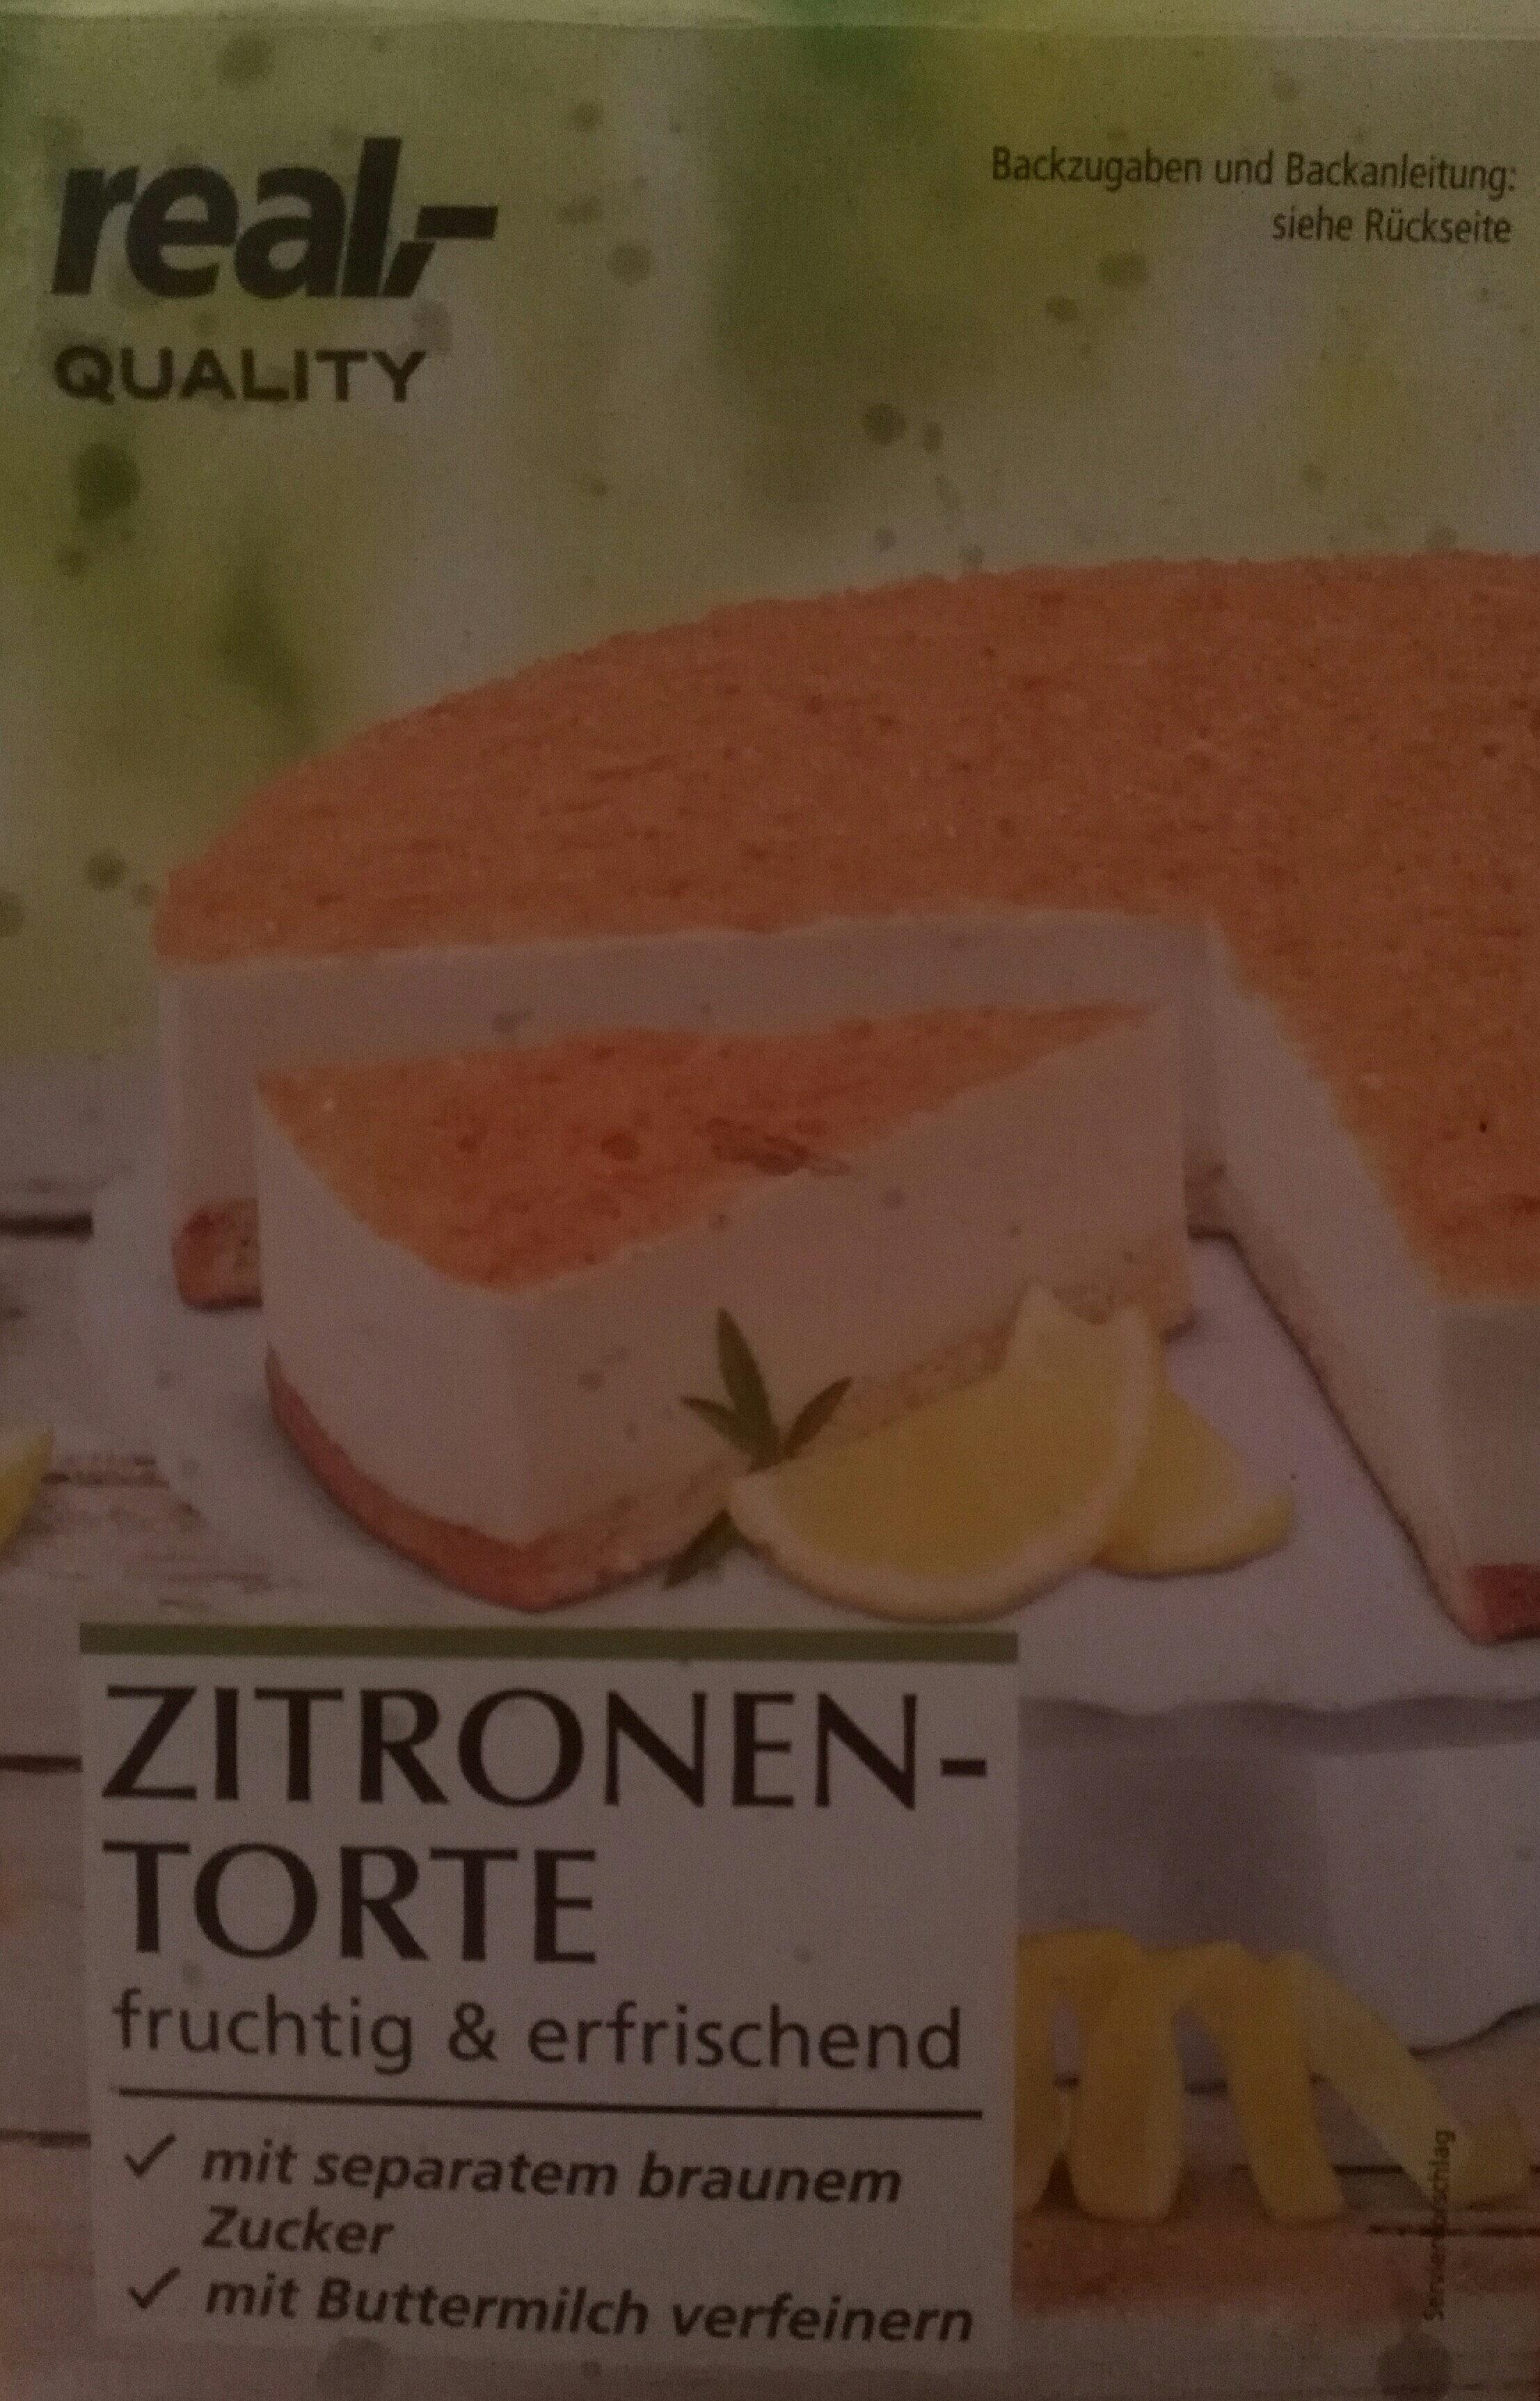 Zitronentorte - Product - de